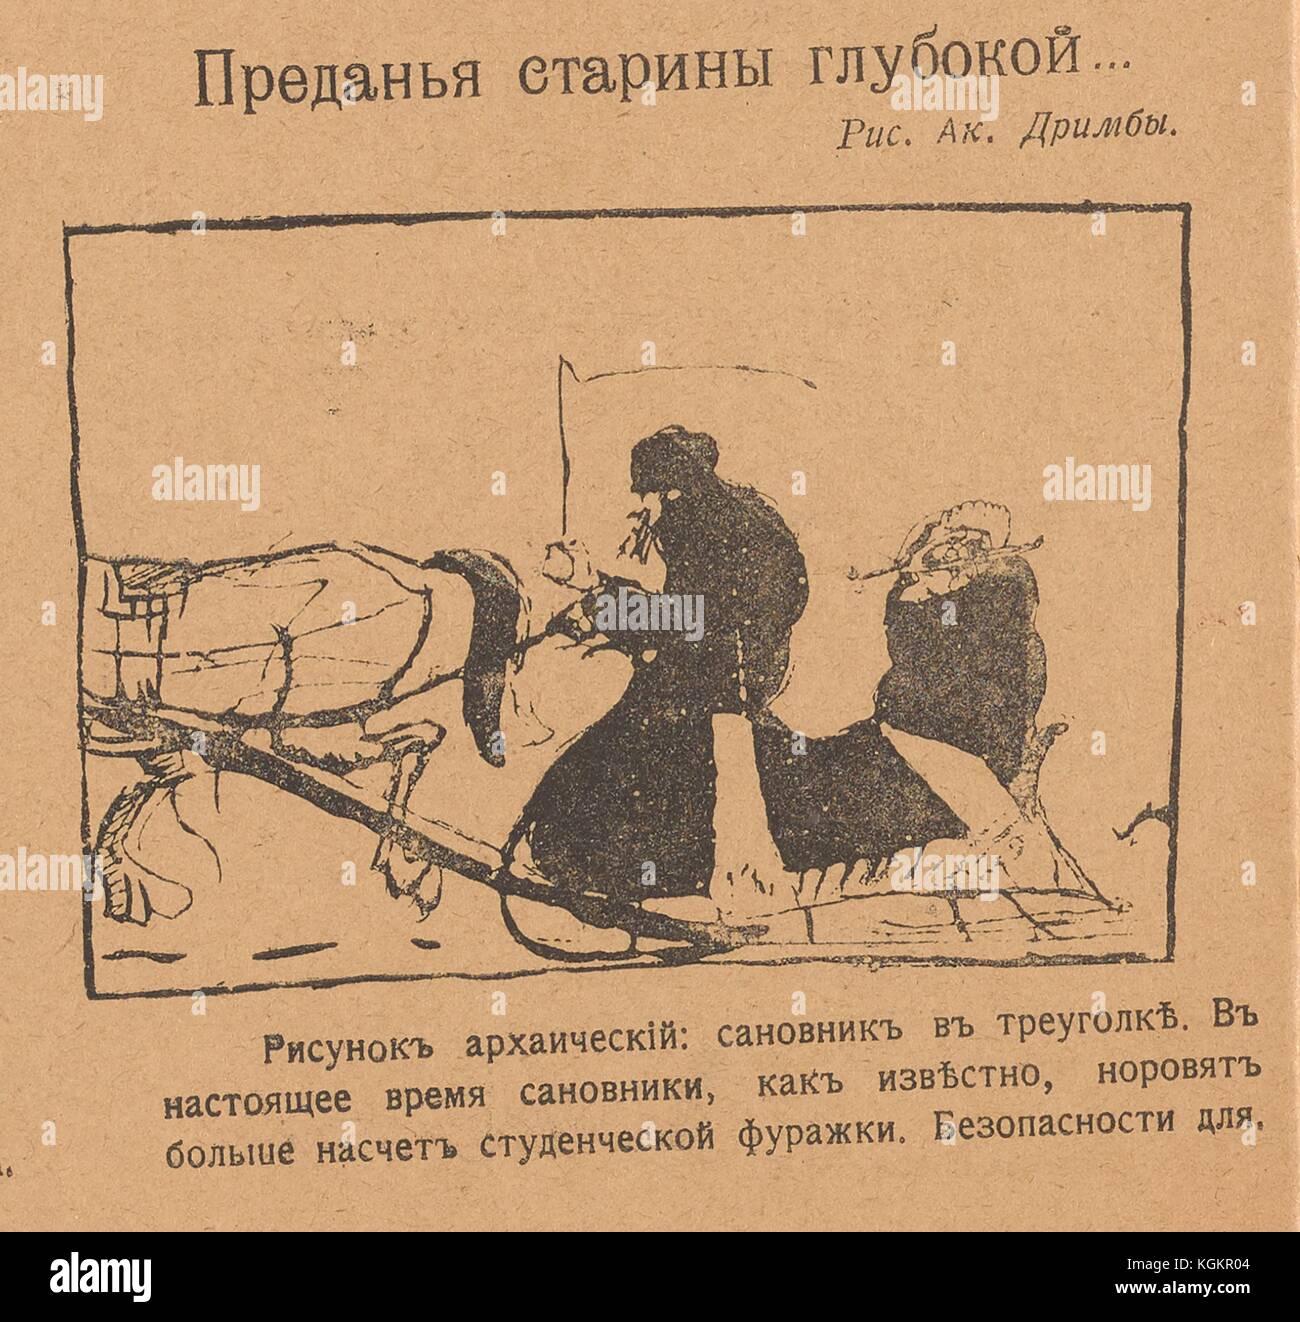 Natalia Pavlischeva: biography of the writer, books 42